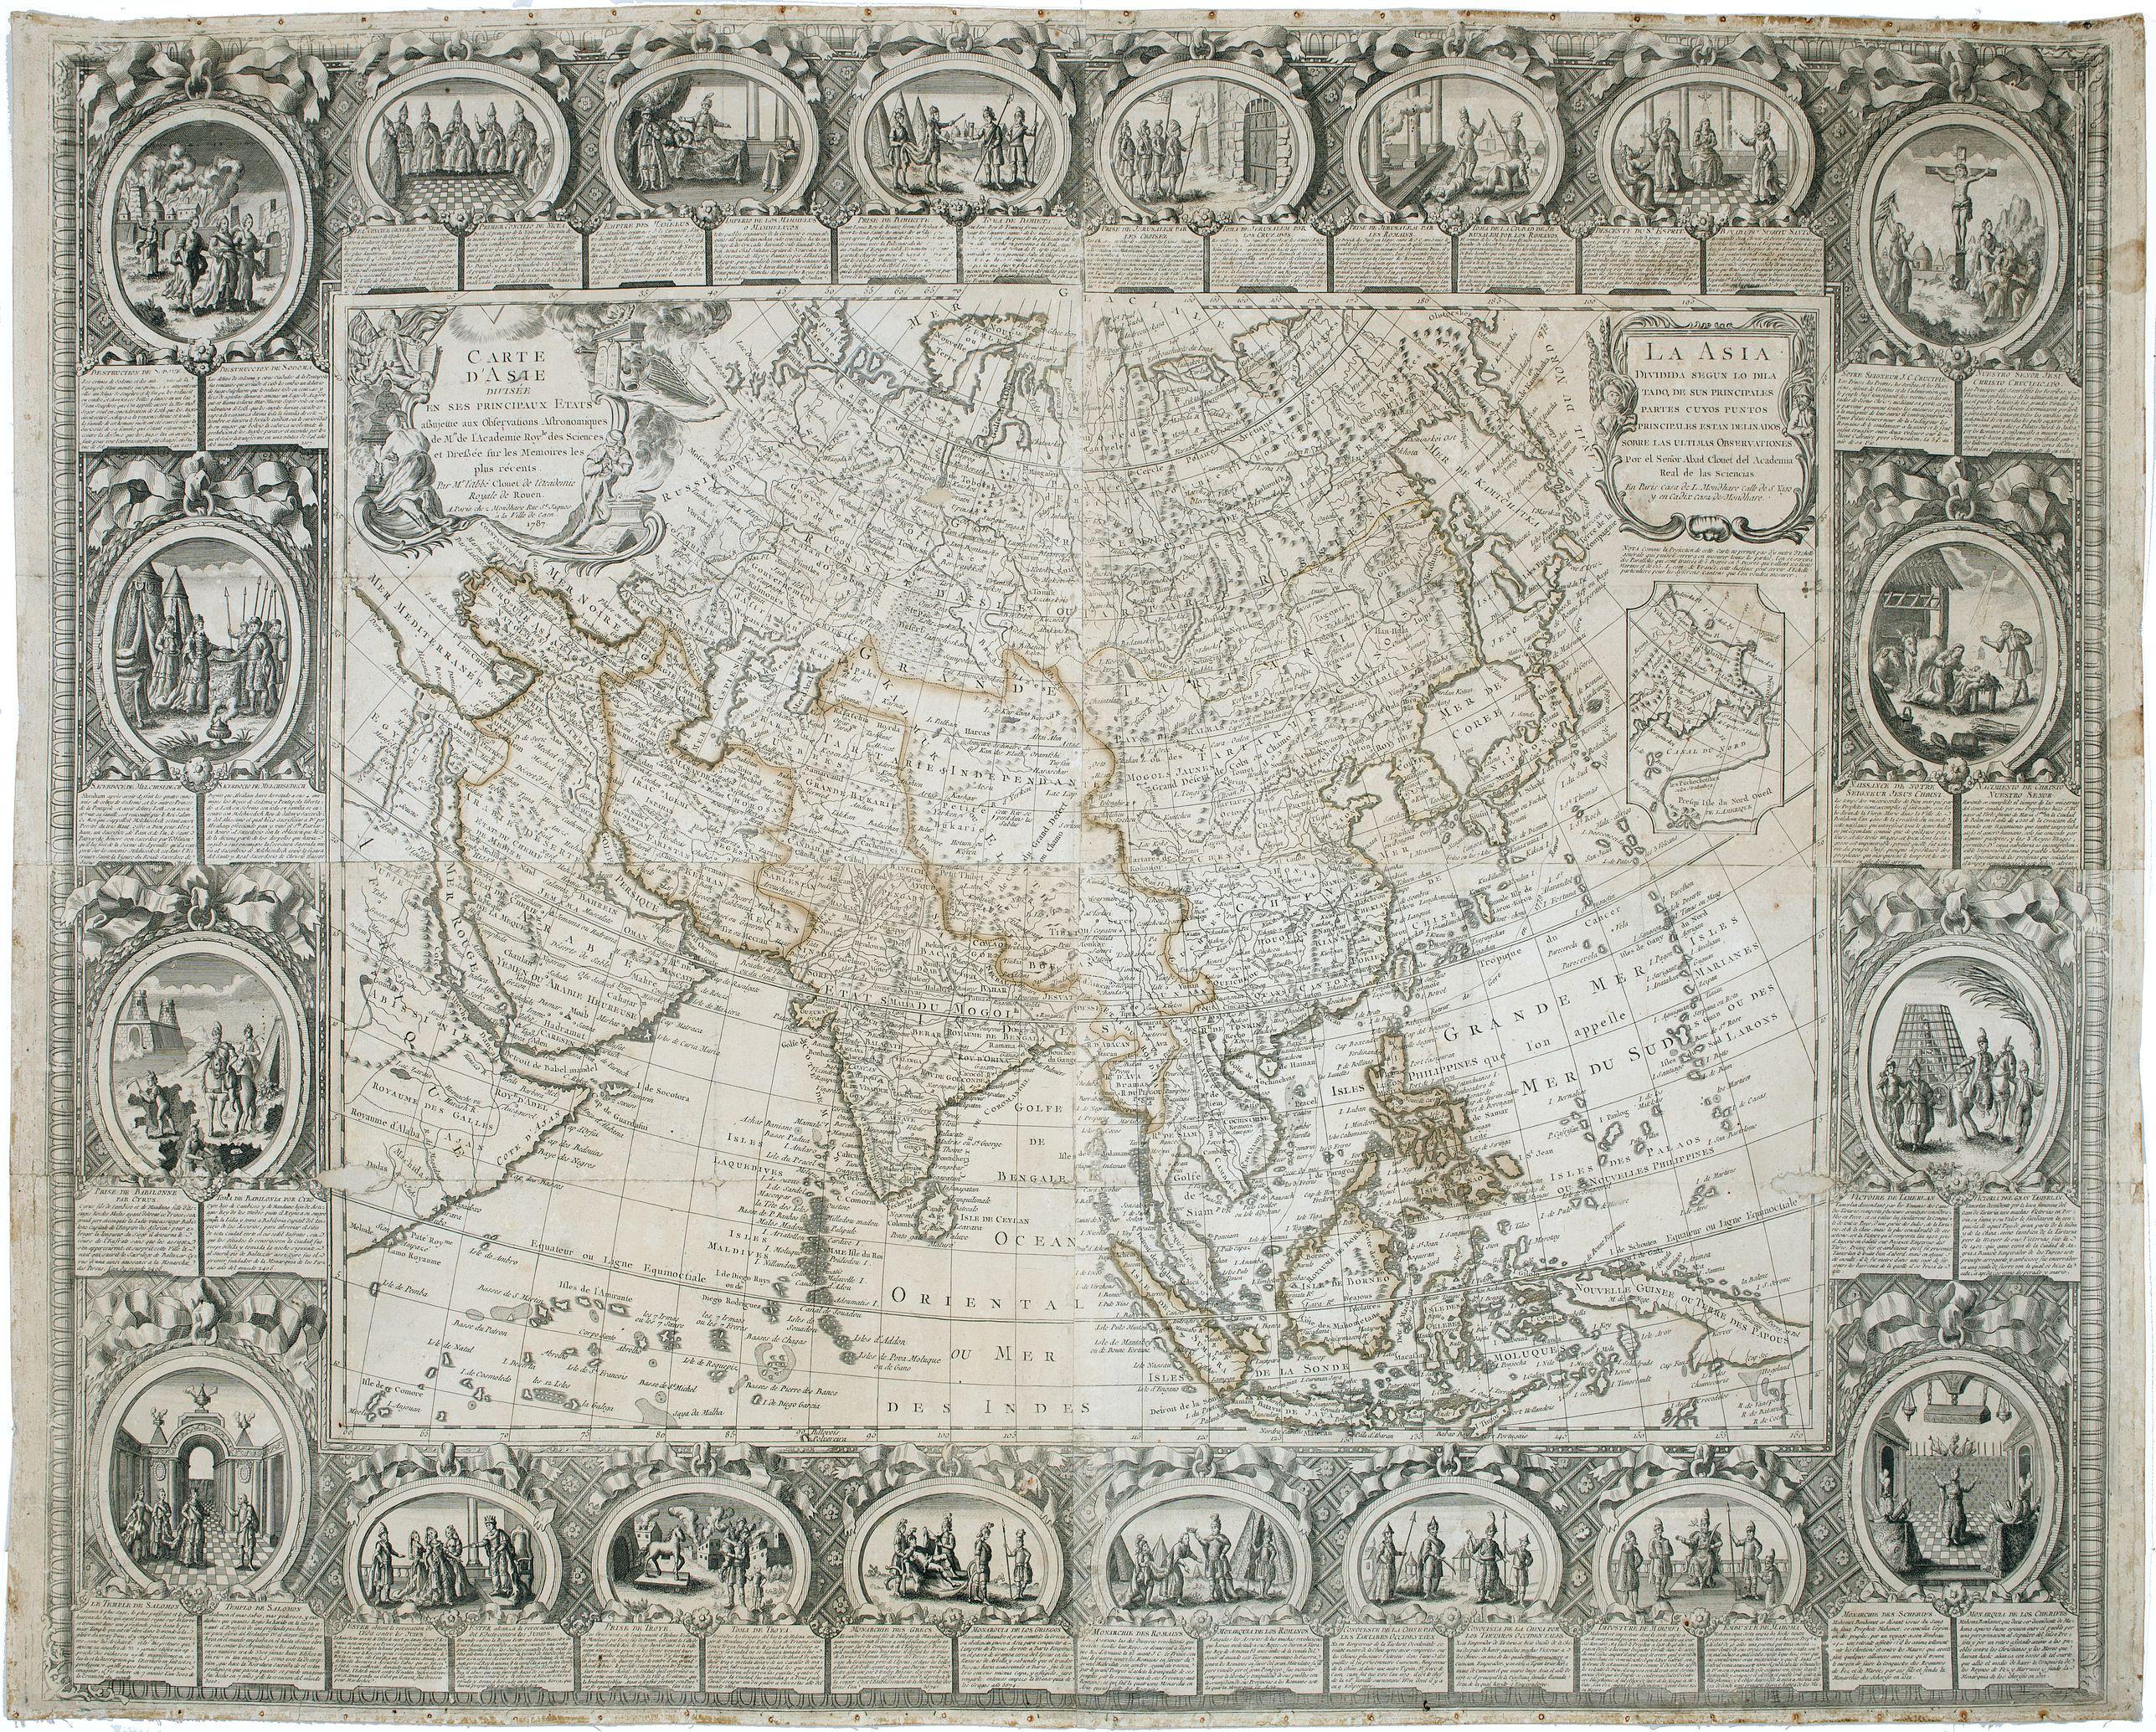 CLOUET / MONDHARE. -  Carte d'Asie divisée en ses principaux Etats.